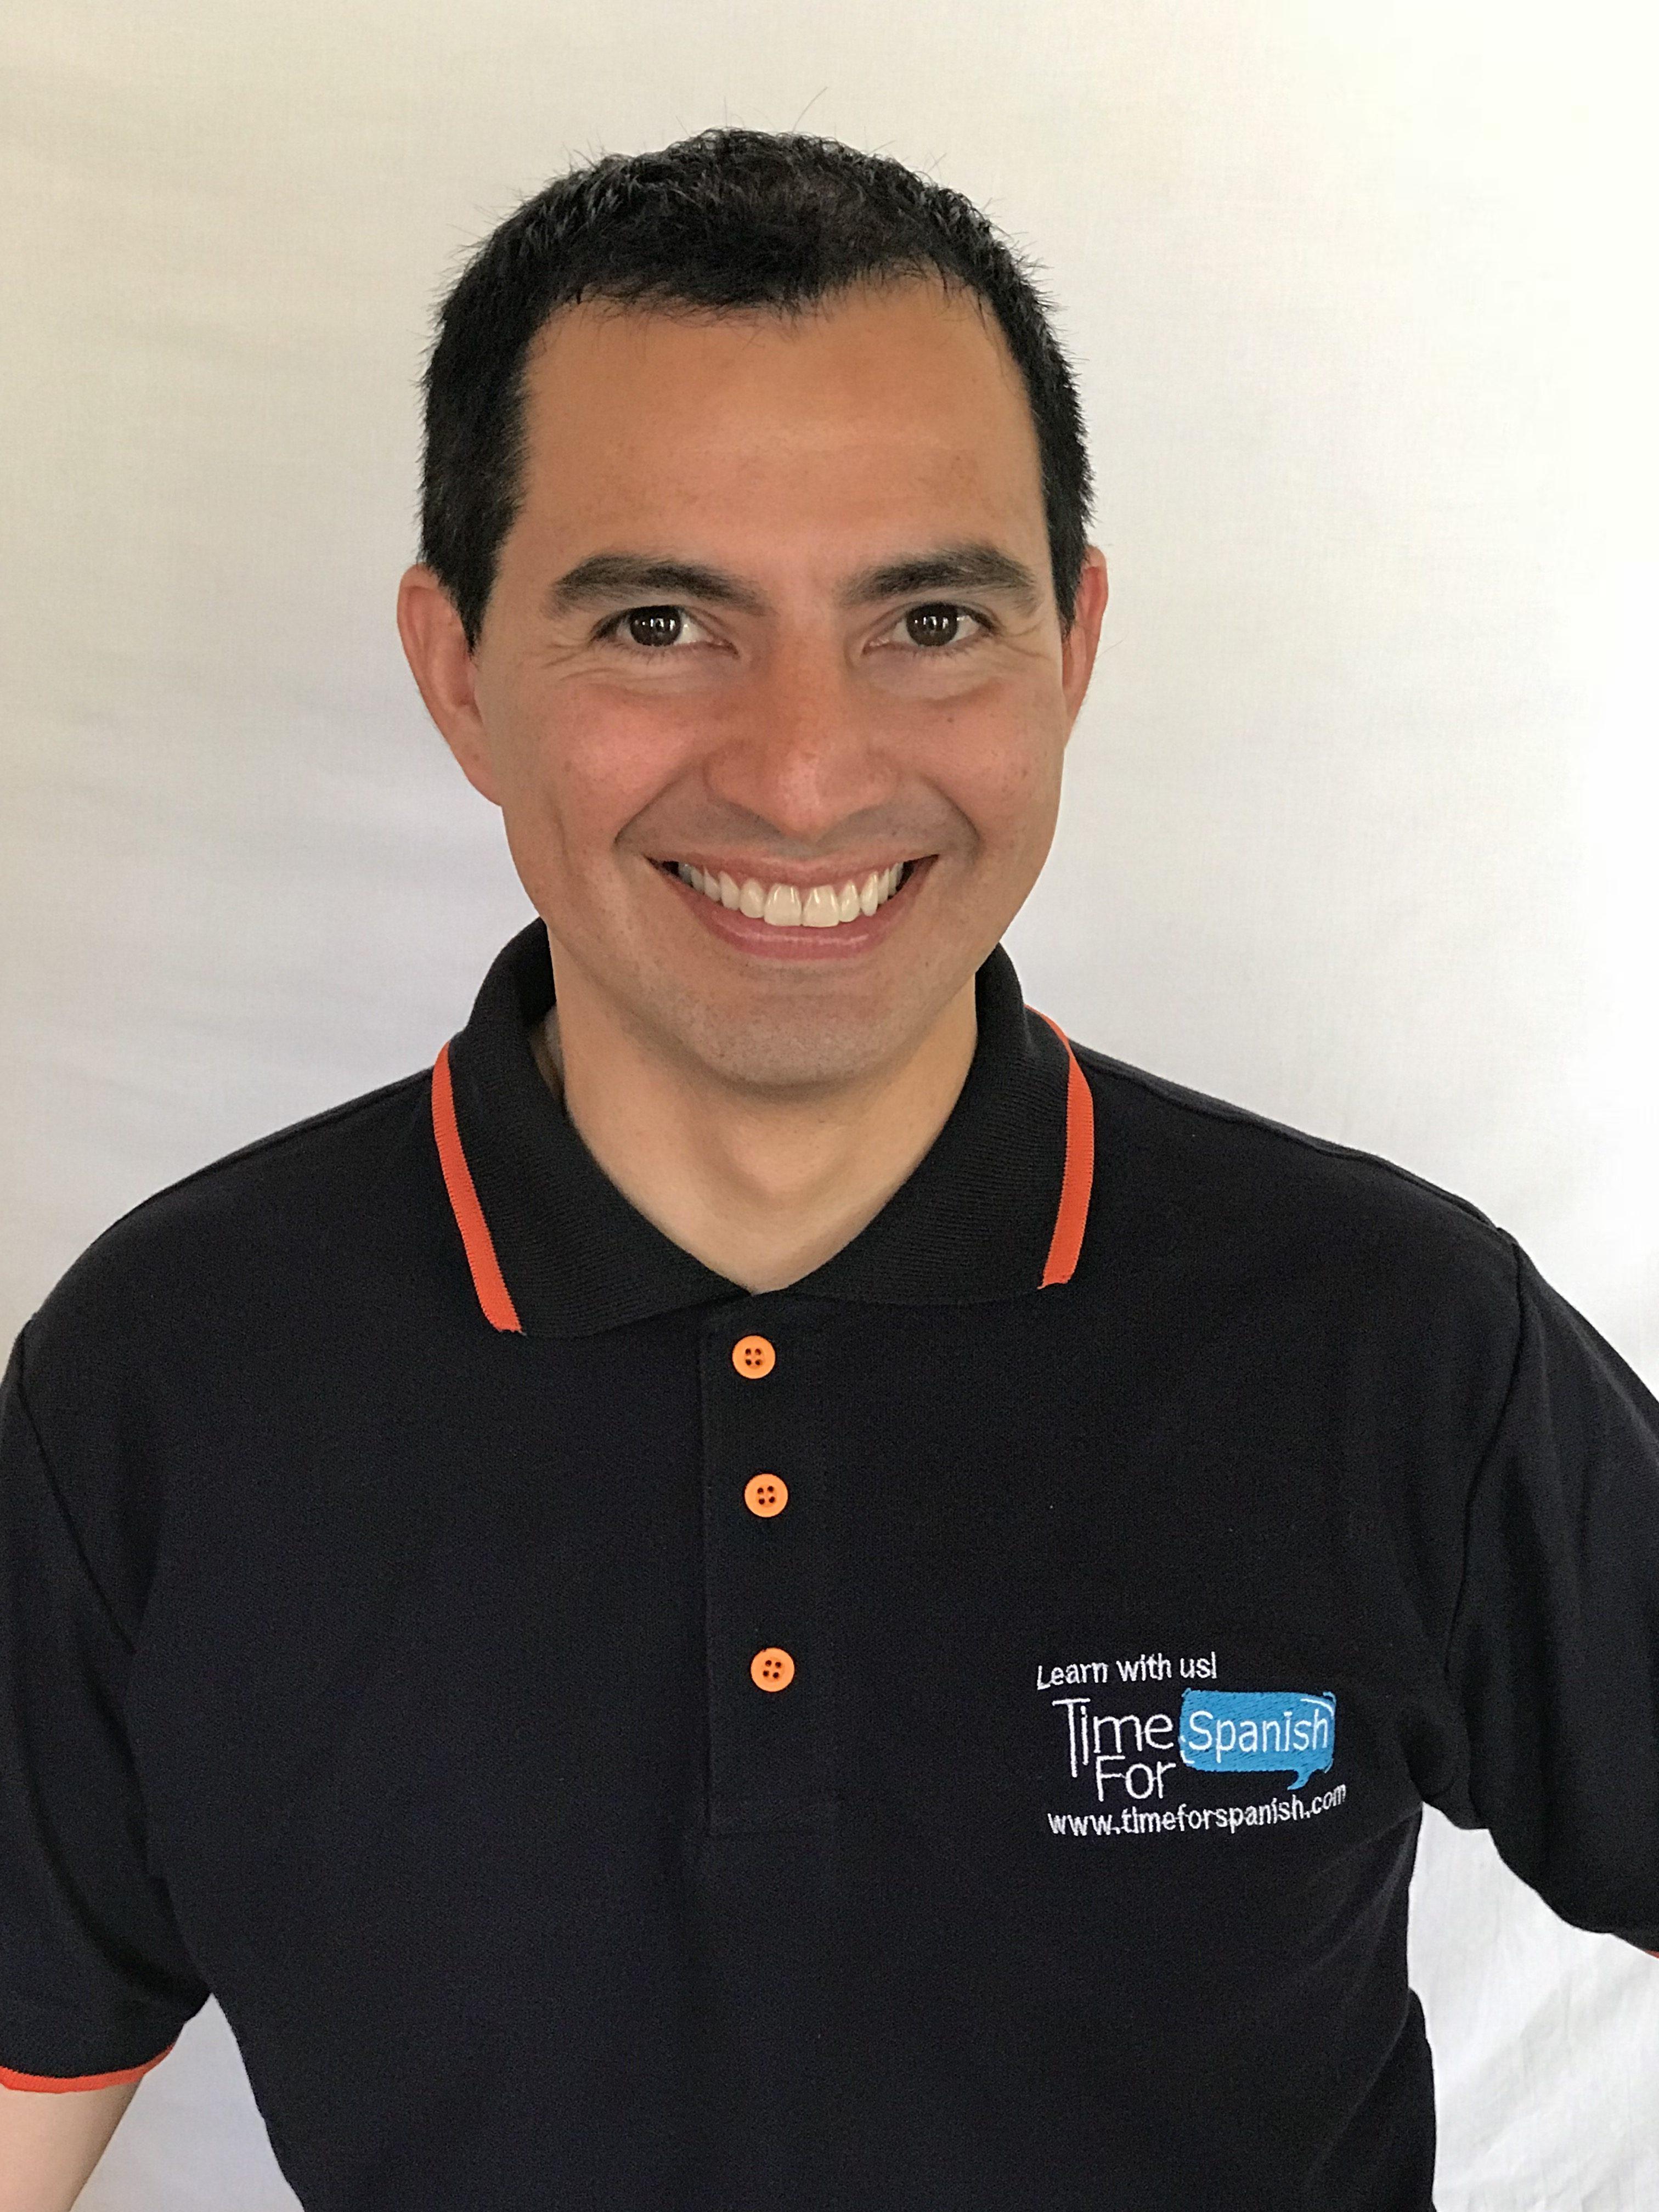 Carlos Valera